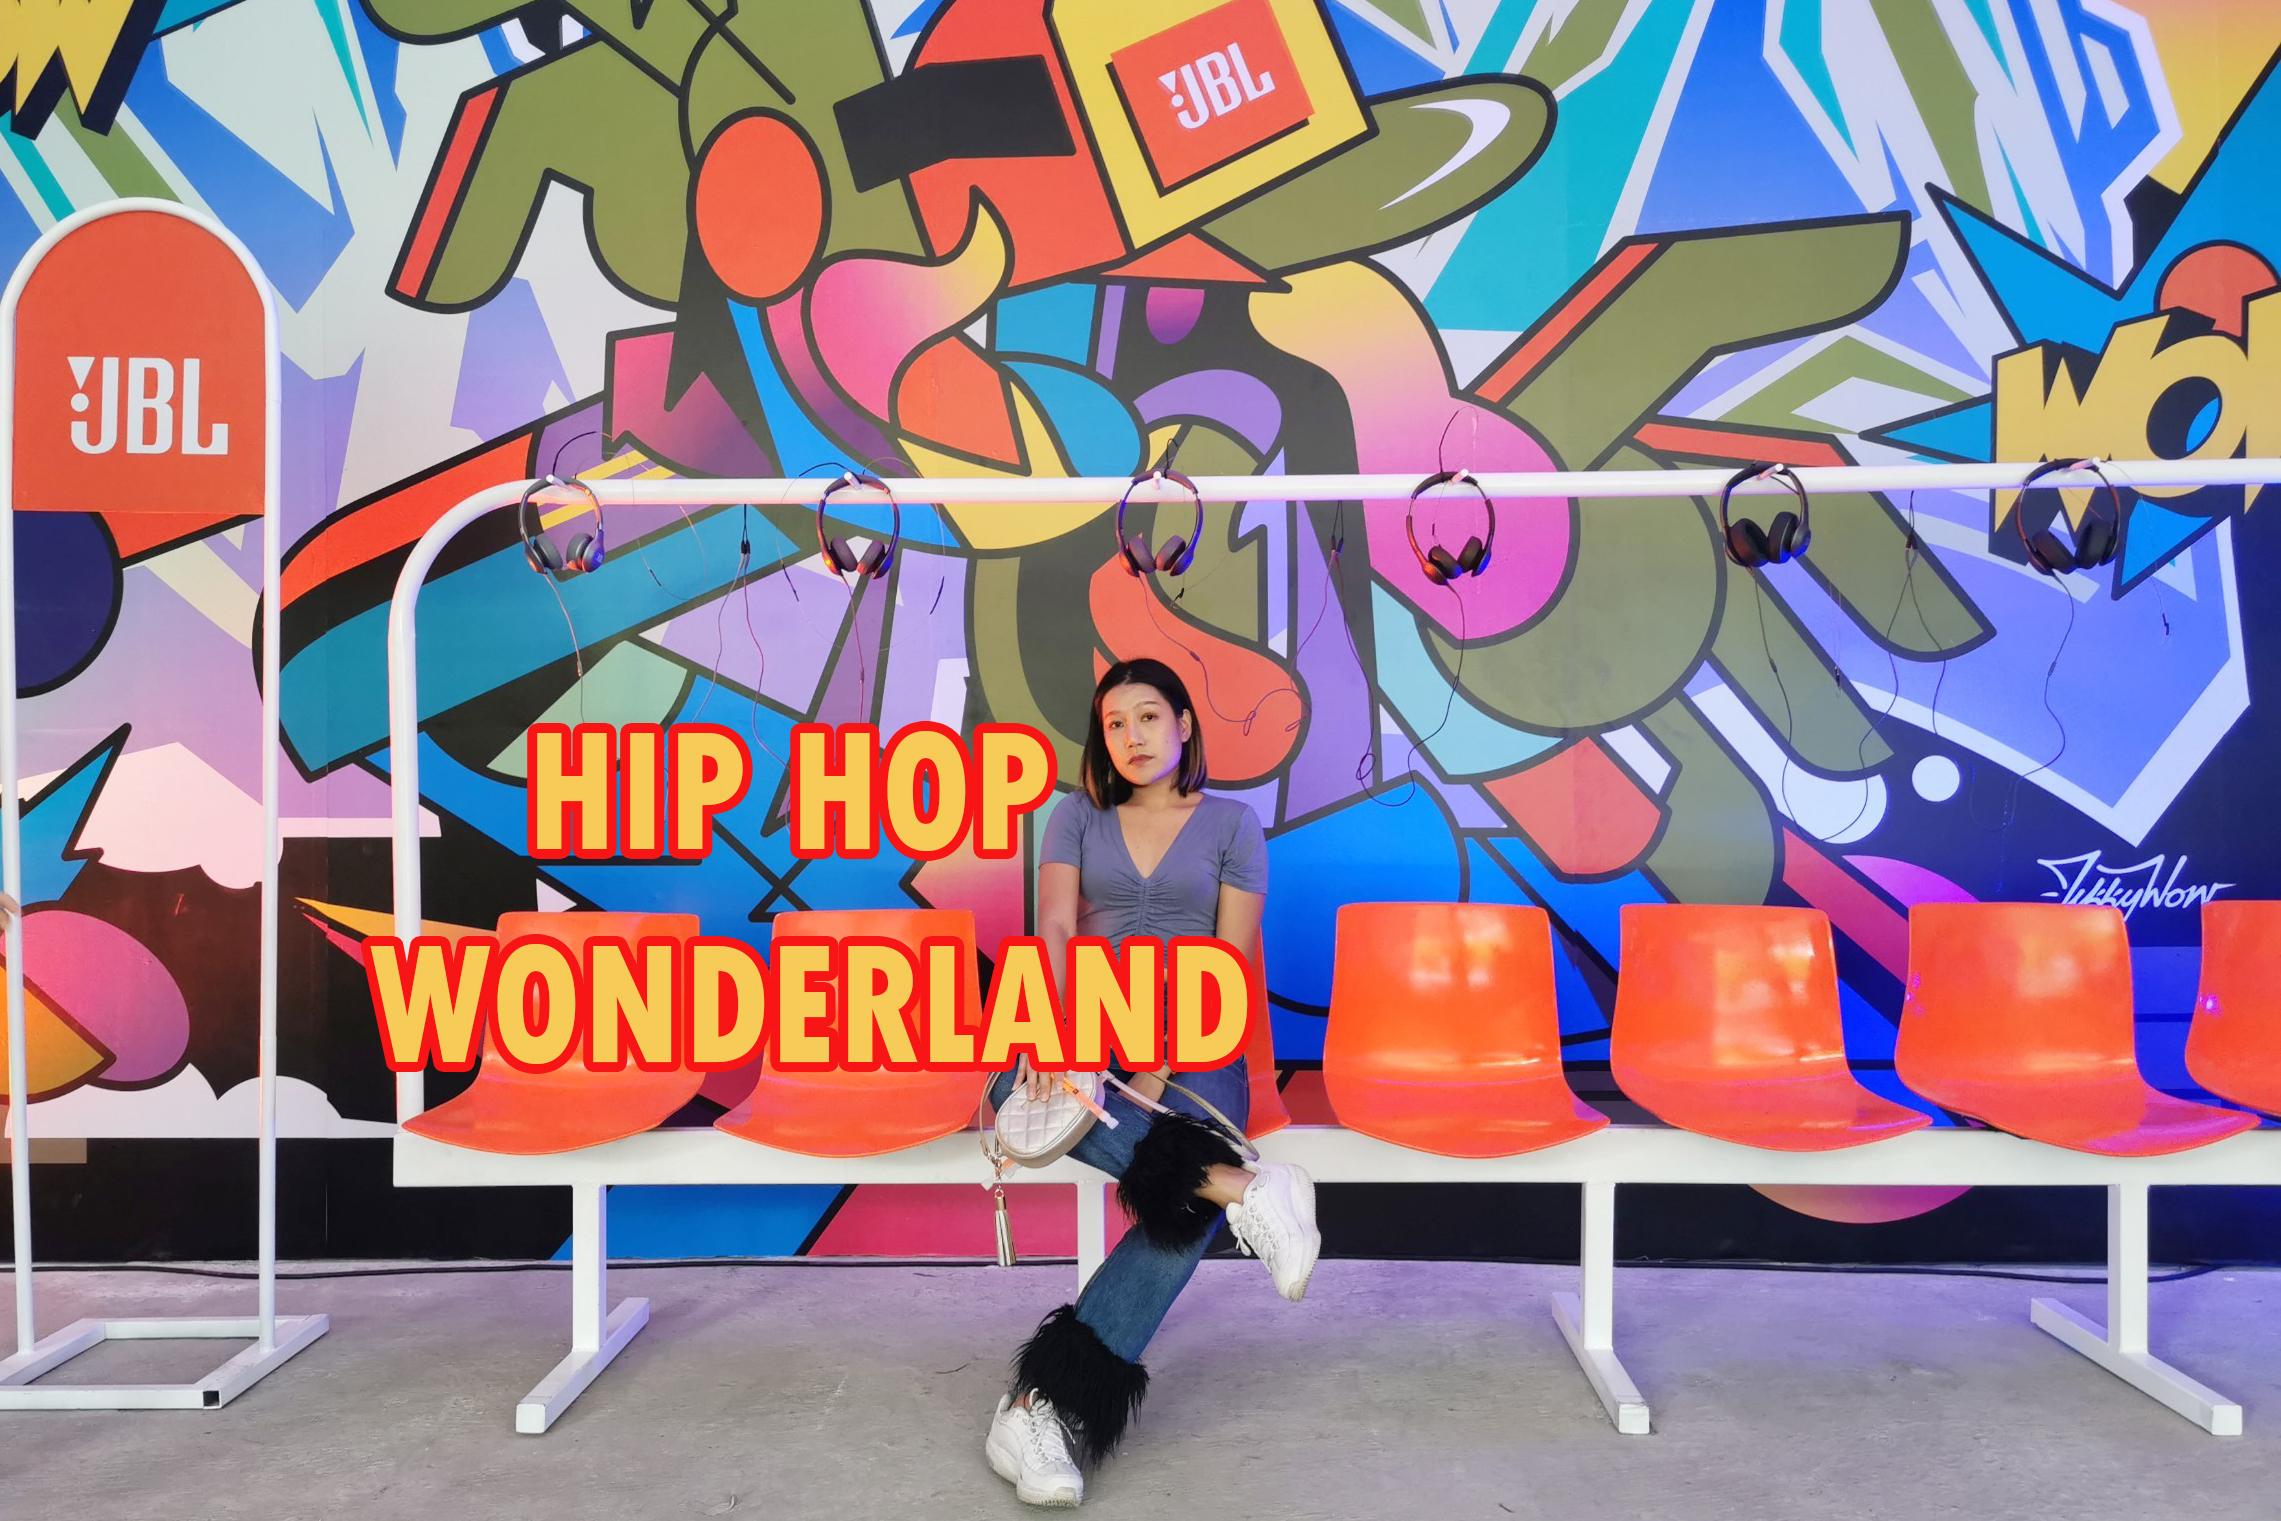 HIP HOP WONDERLAND ดินเเดนของชาวฮิปฮอปที่เเท้จริง!